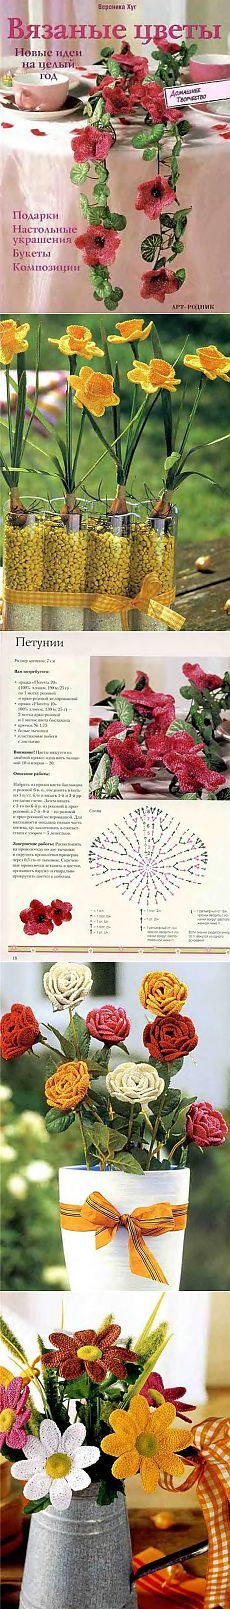 Вязаные крючком цветы » Клубка.Нет - Все о вязании крючком